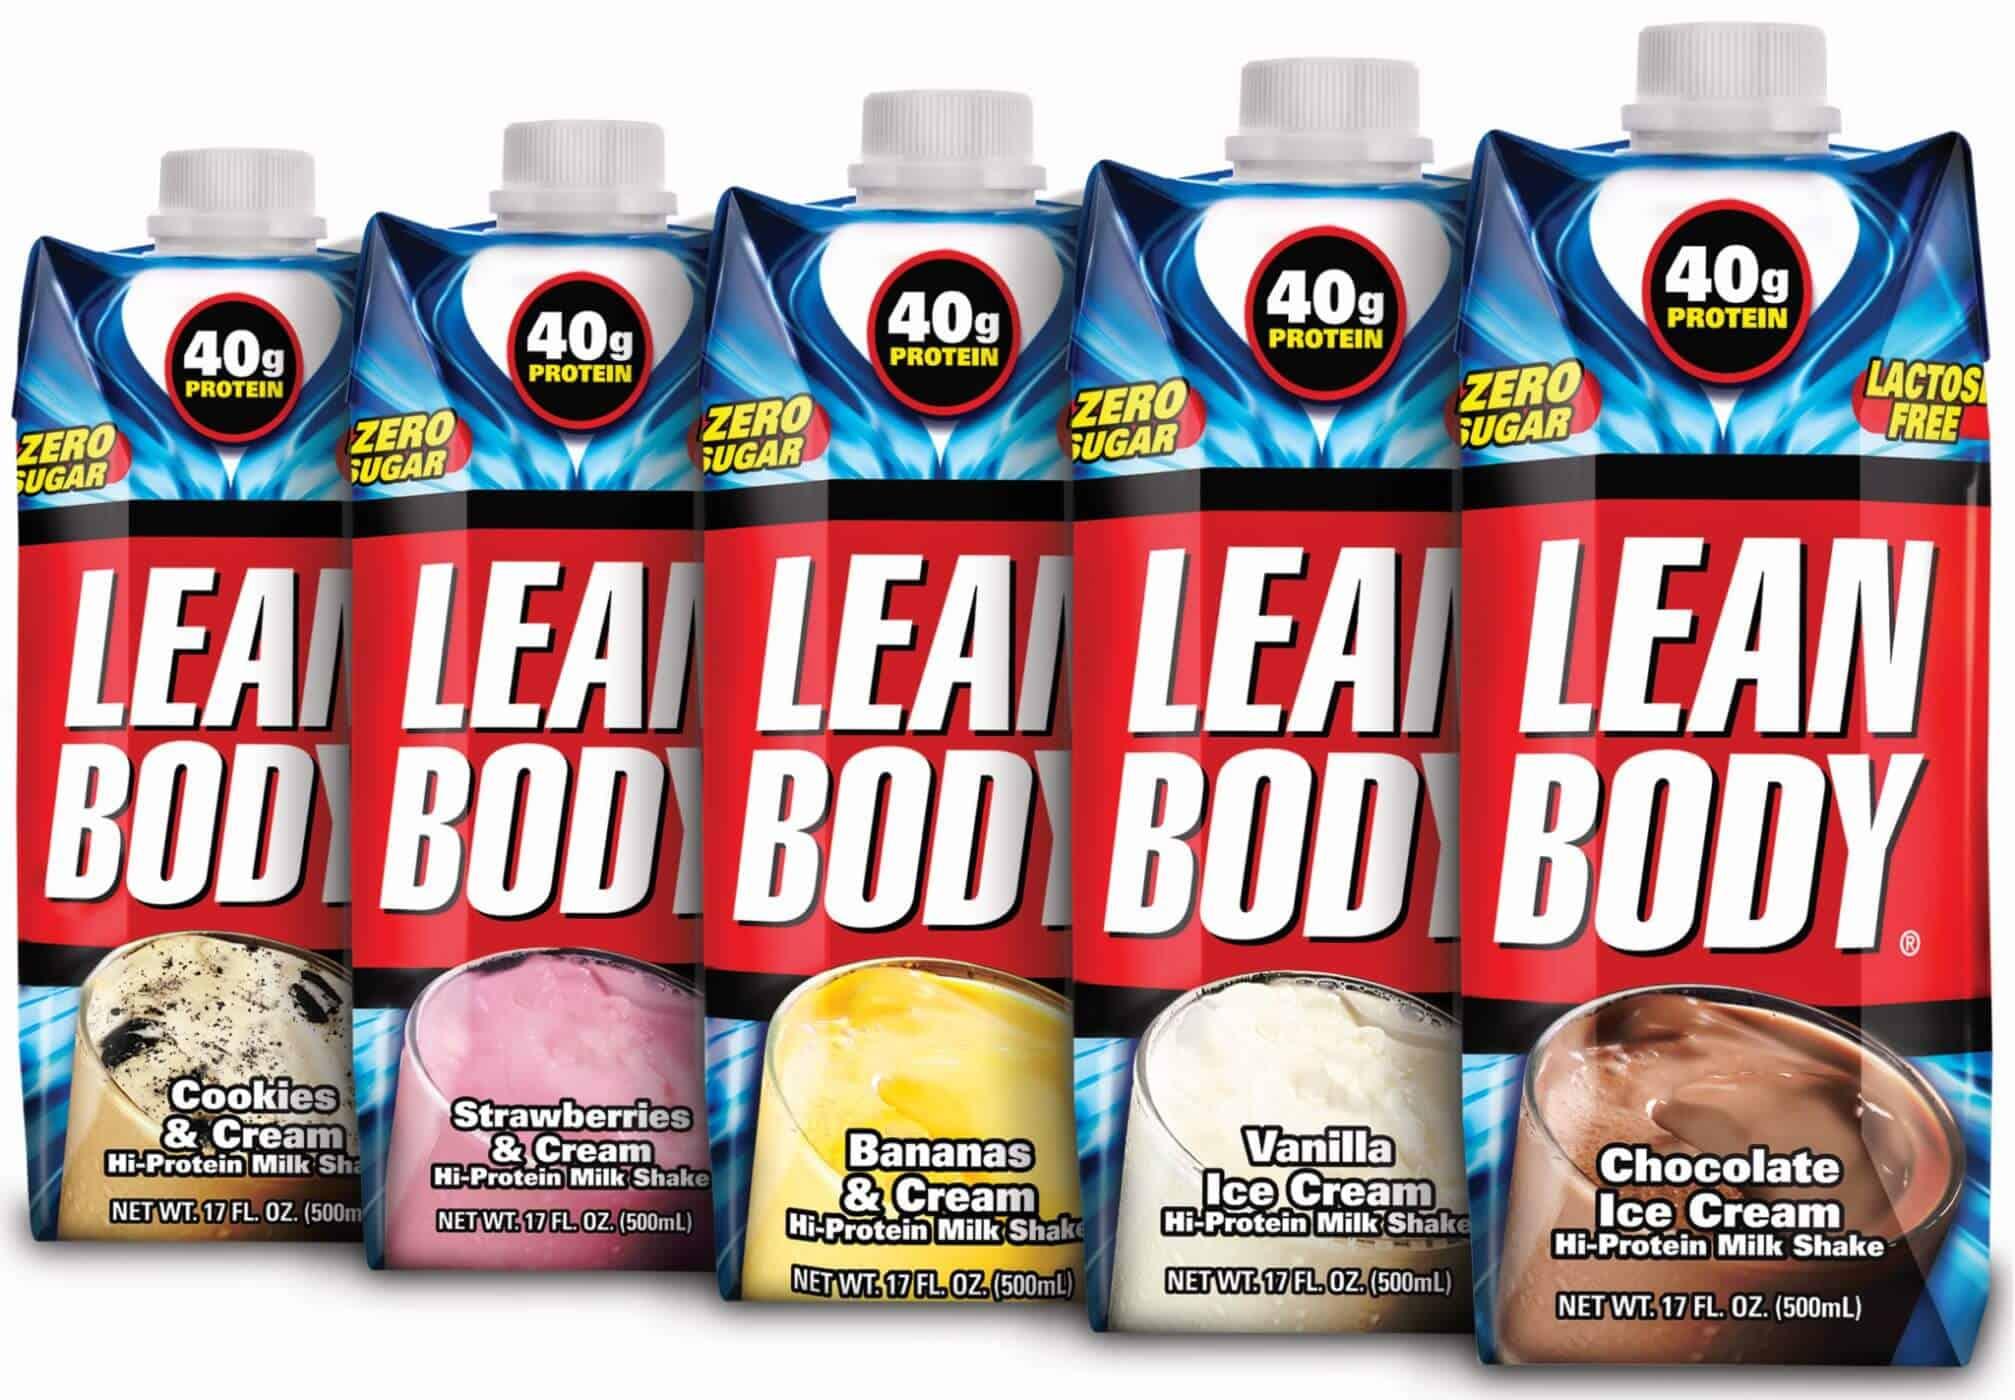 Labrada Lean Body Quote